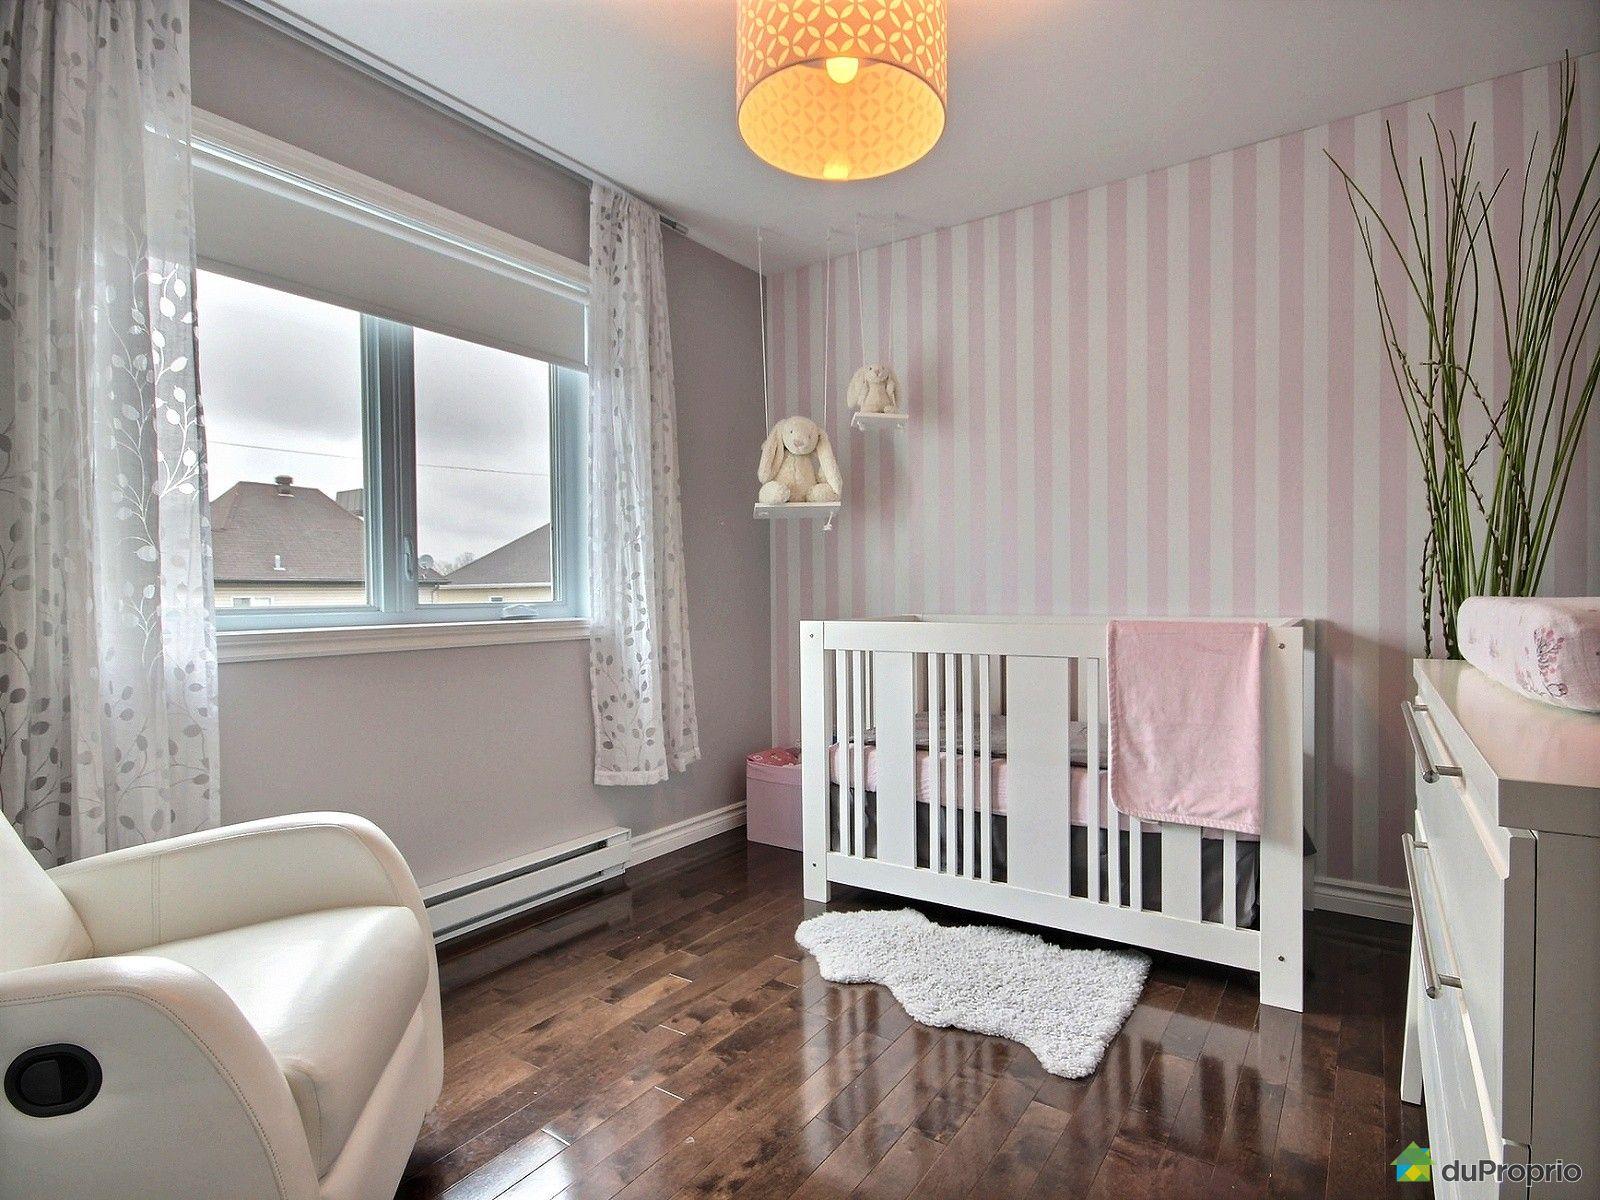 Maison vendre st eustache 570 rue des b gonias for Chambre de commerce st eustache